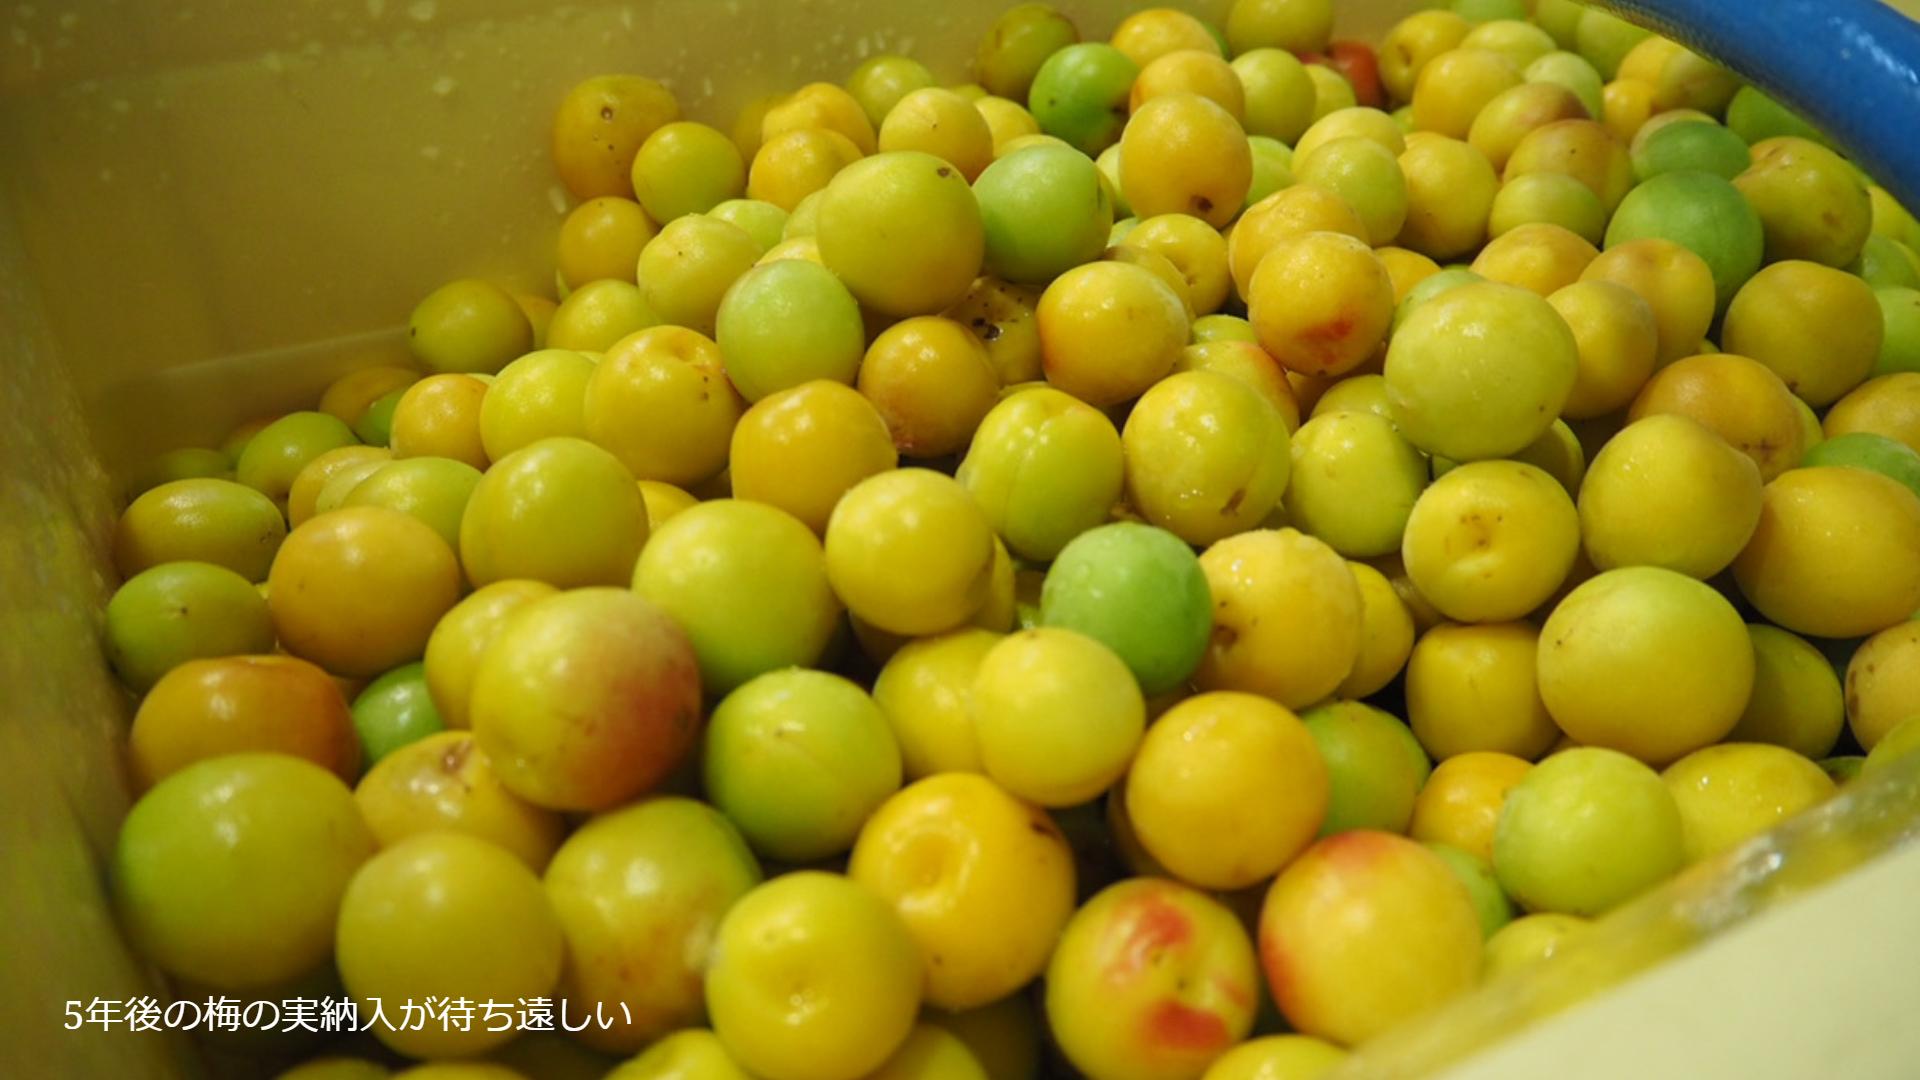 梅酒に使用される梅の実